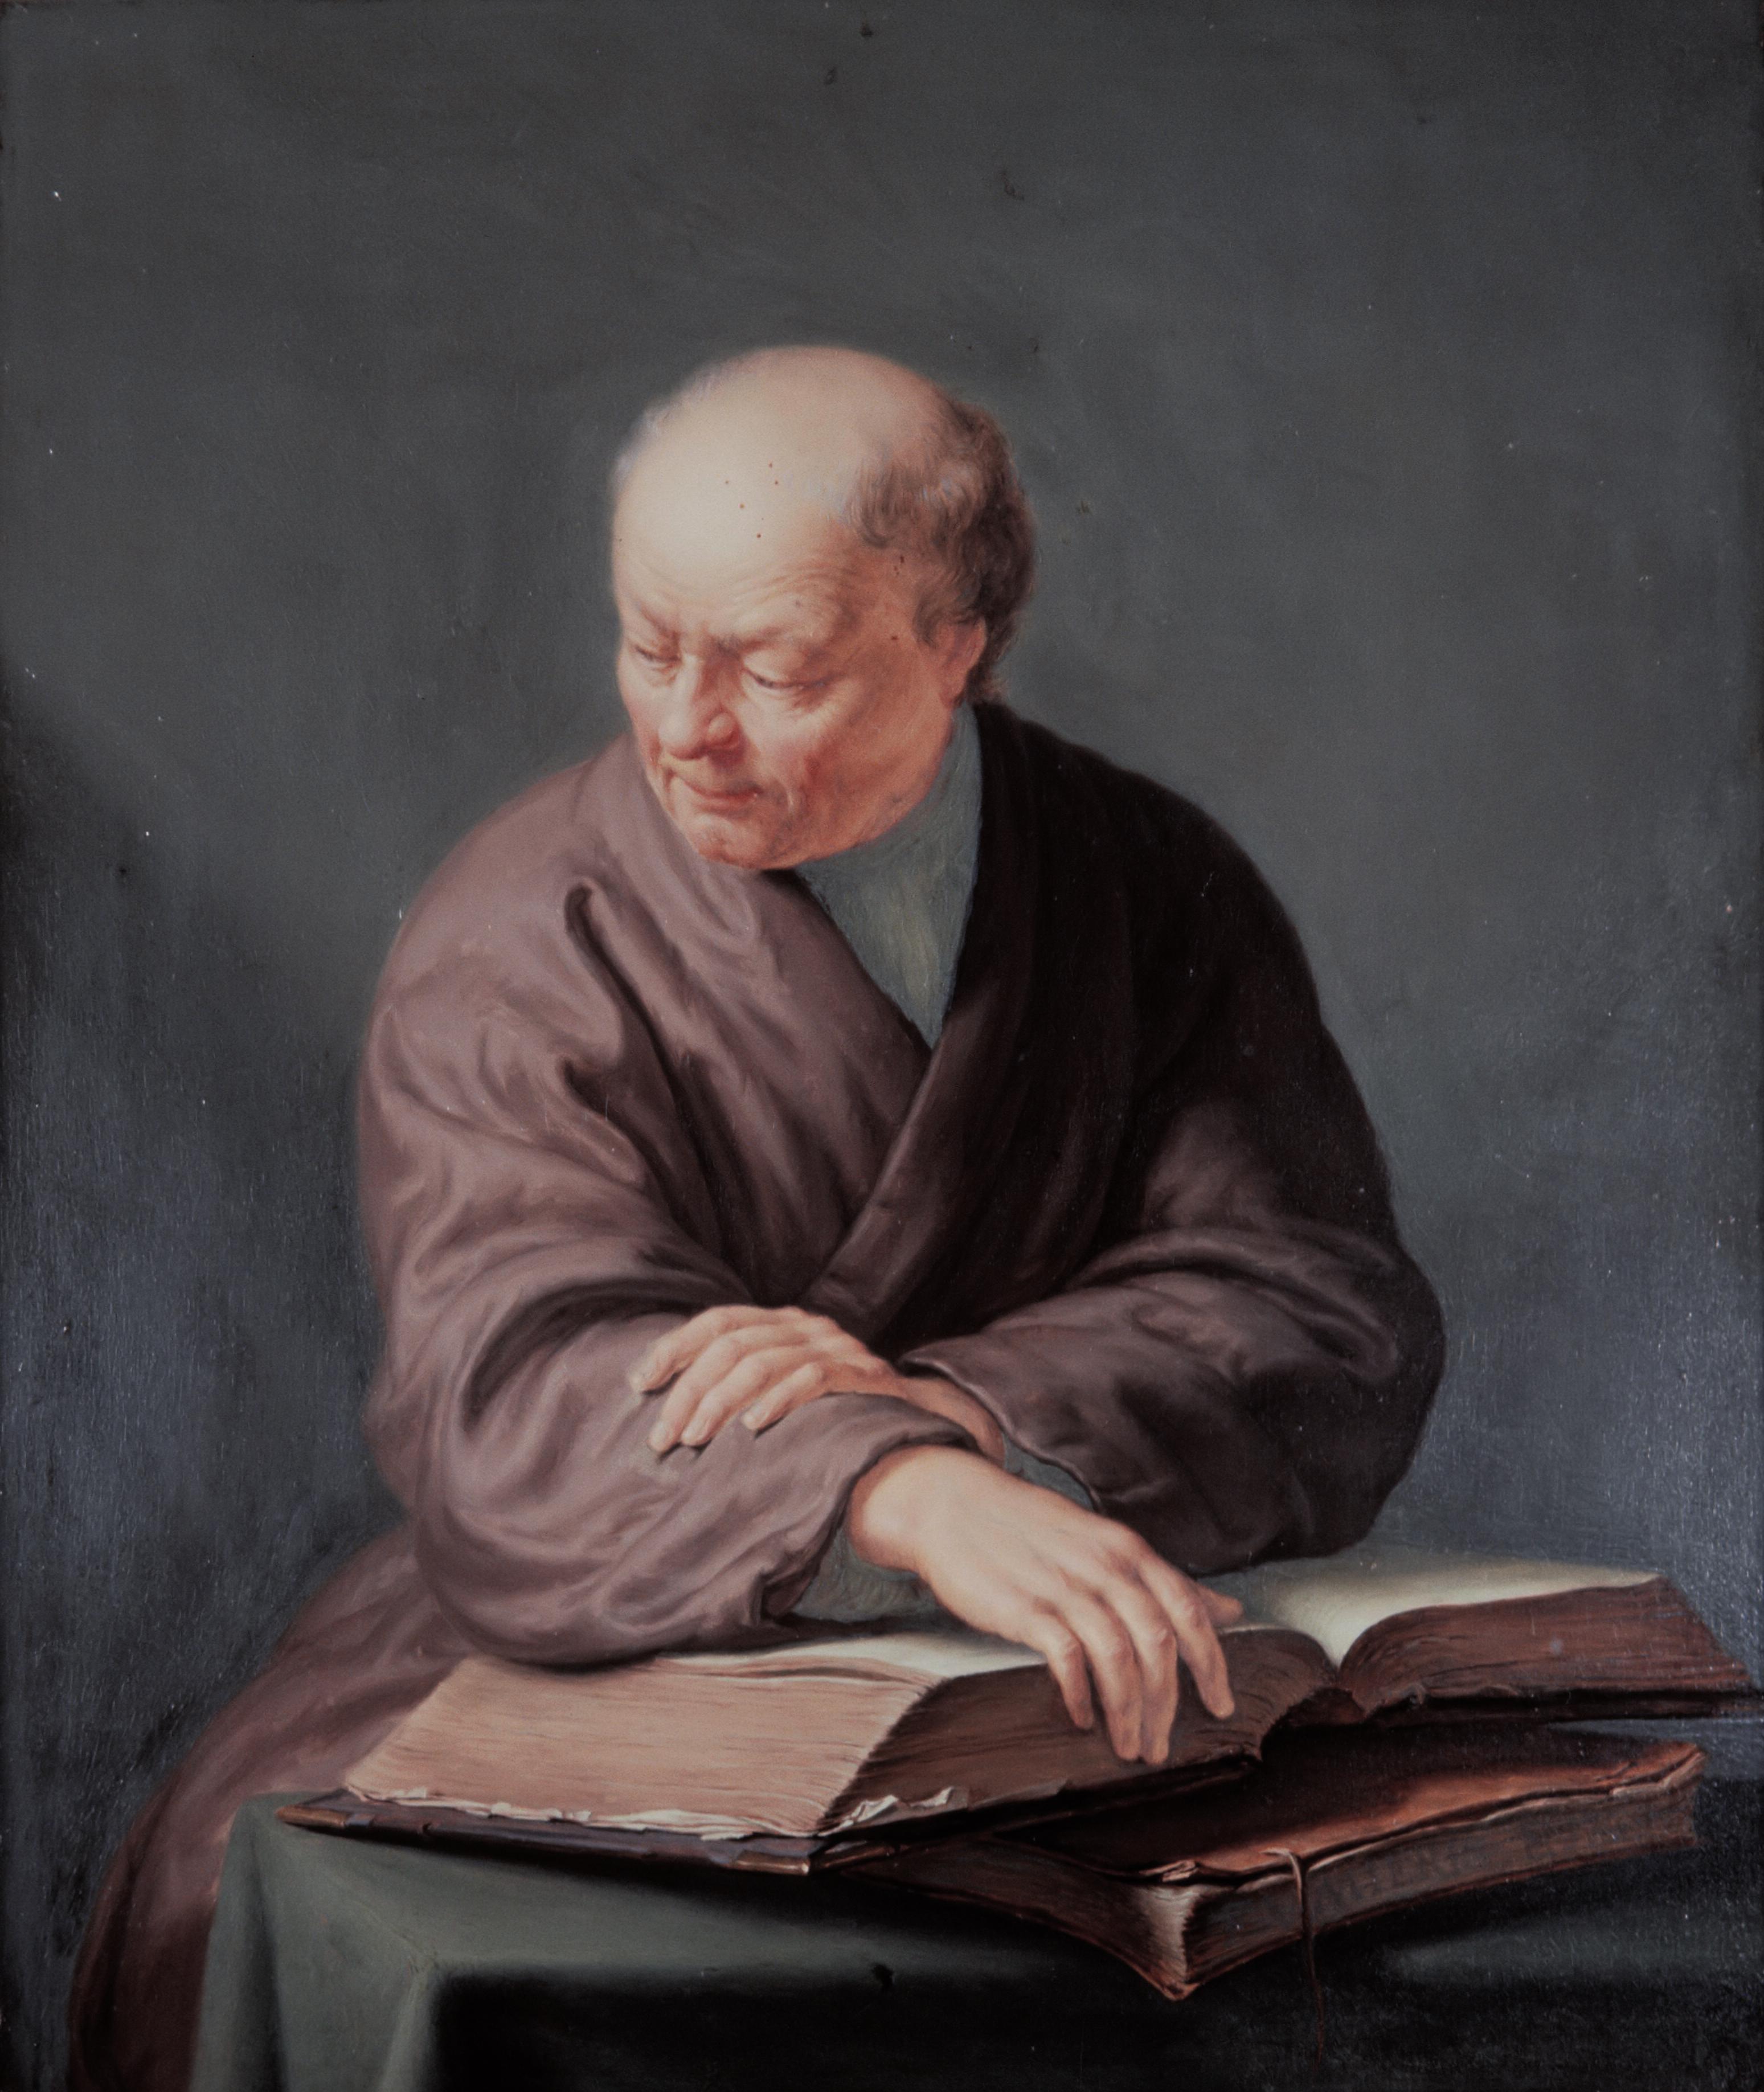 File:Willem van Mieris (1662-1747), by Frans van Mieris (